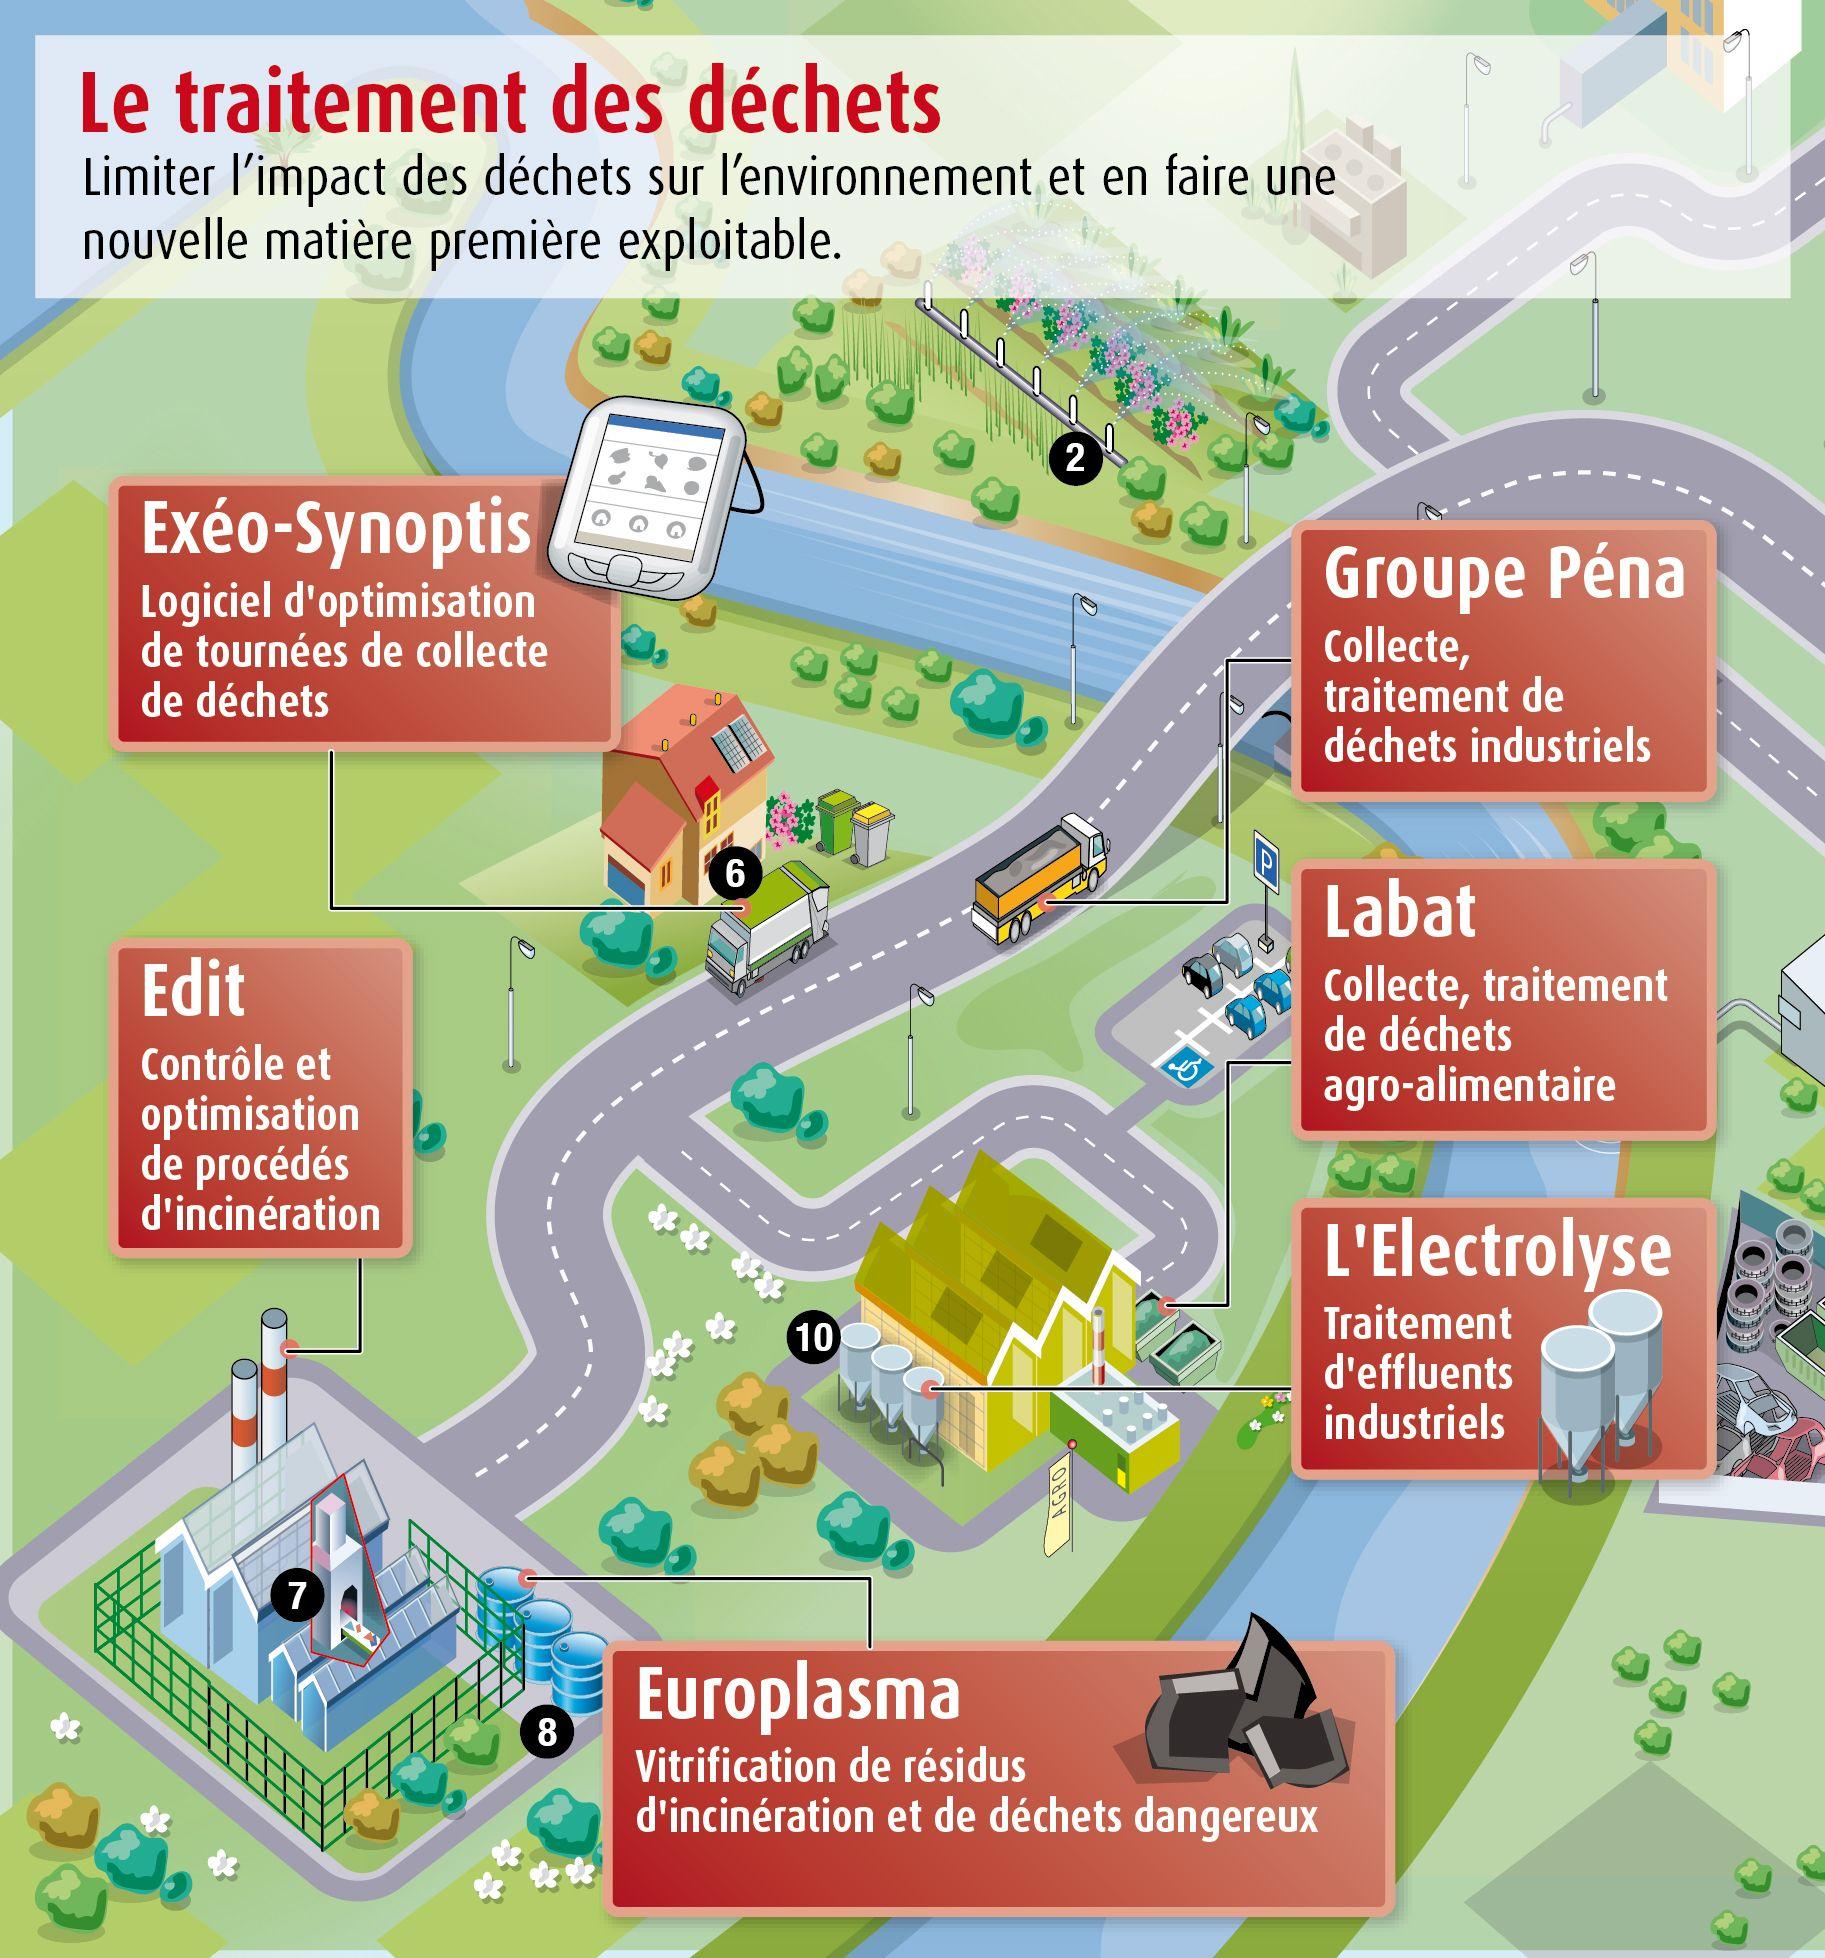 Ville Aquitaine Traitement Des Dechets Environnement Traitement Lyceenne